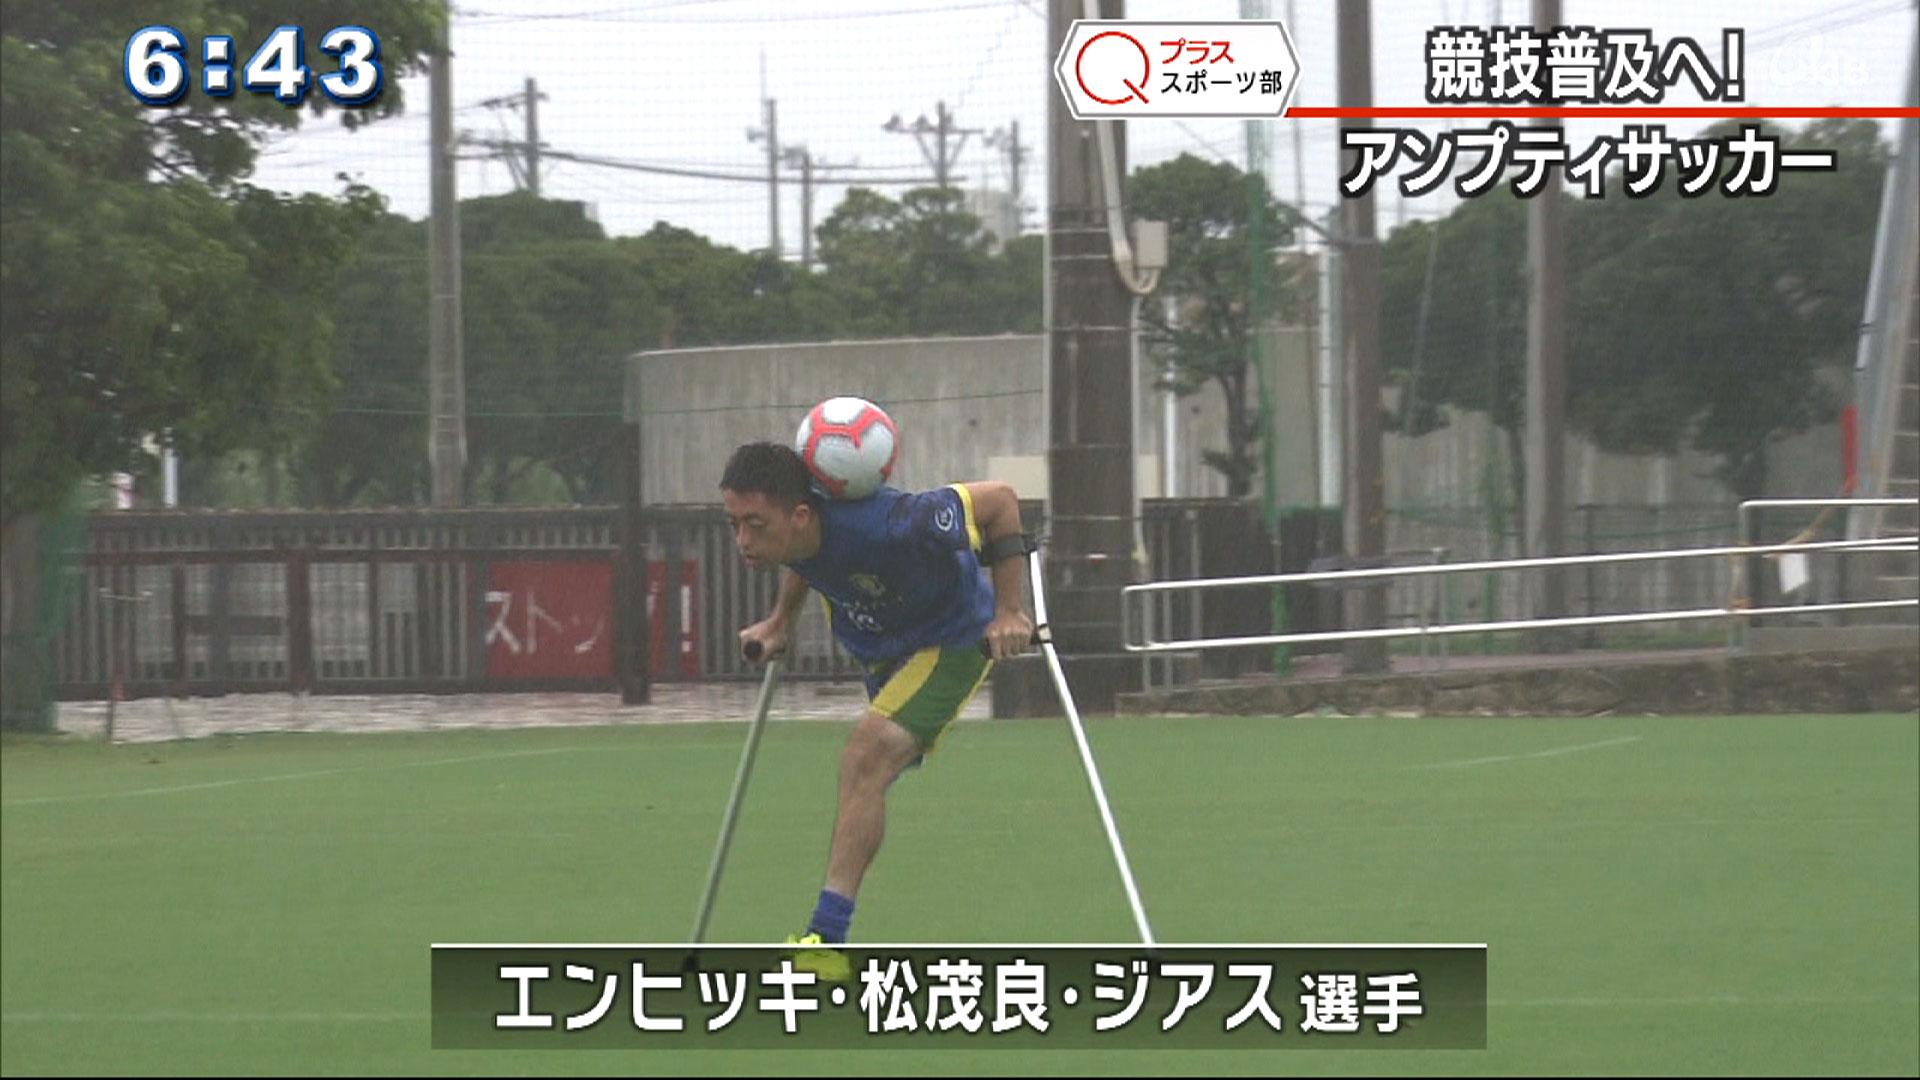 アンプティーサッカー沖縄で体験会